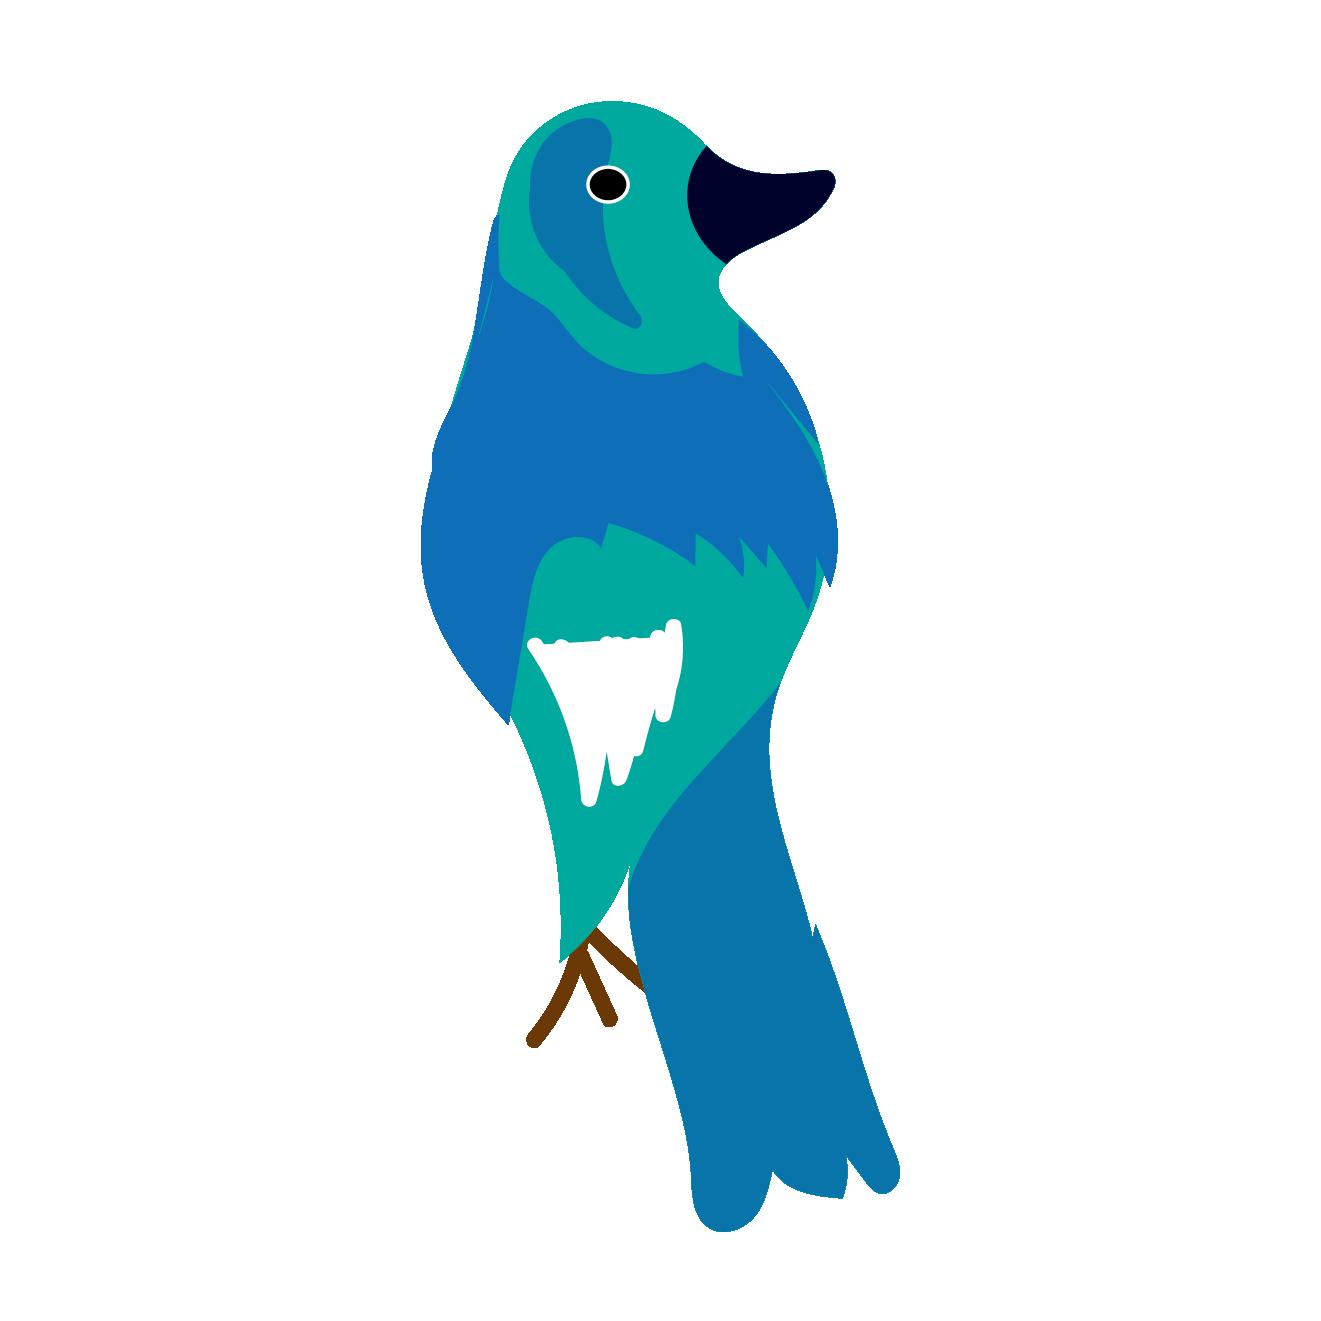 かわいい鳥(バード)のイラスト 年賀状ワンポイントイラスト【酉年